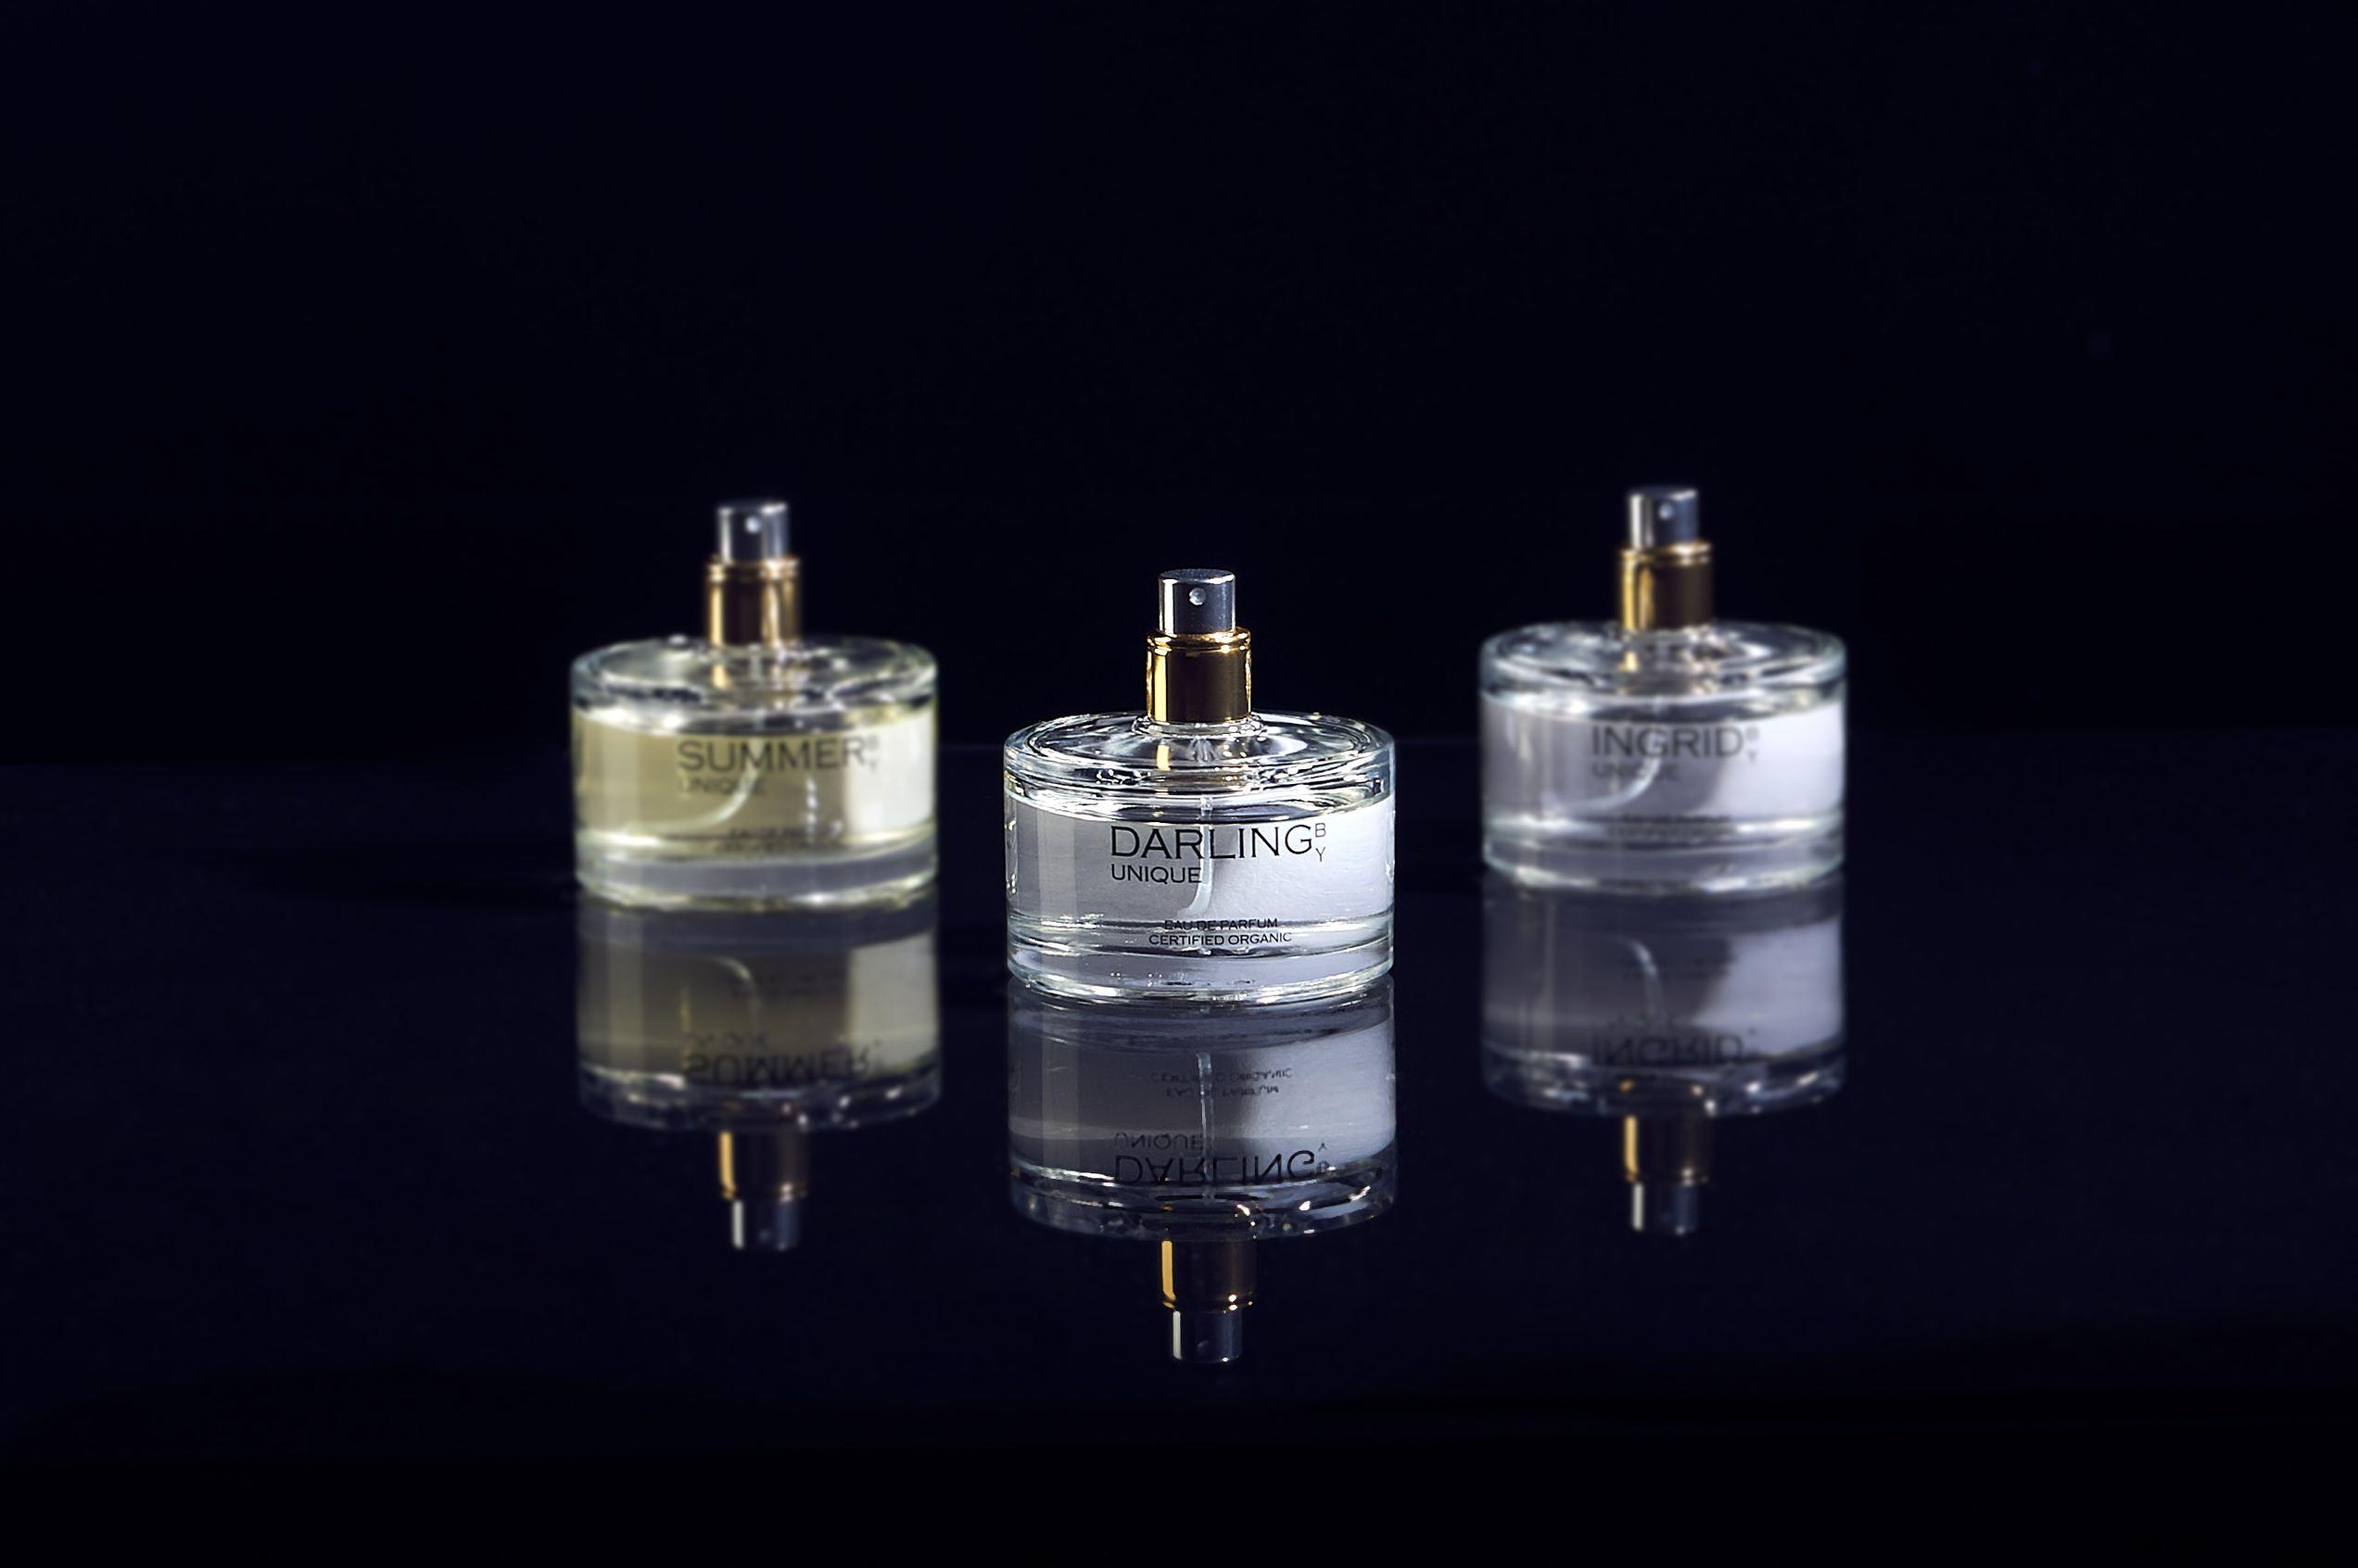 Eaux de Parfum BY UNIQUE, certifiés bio Ecocert